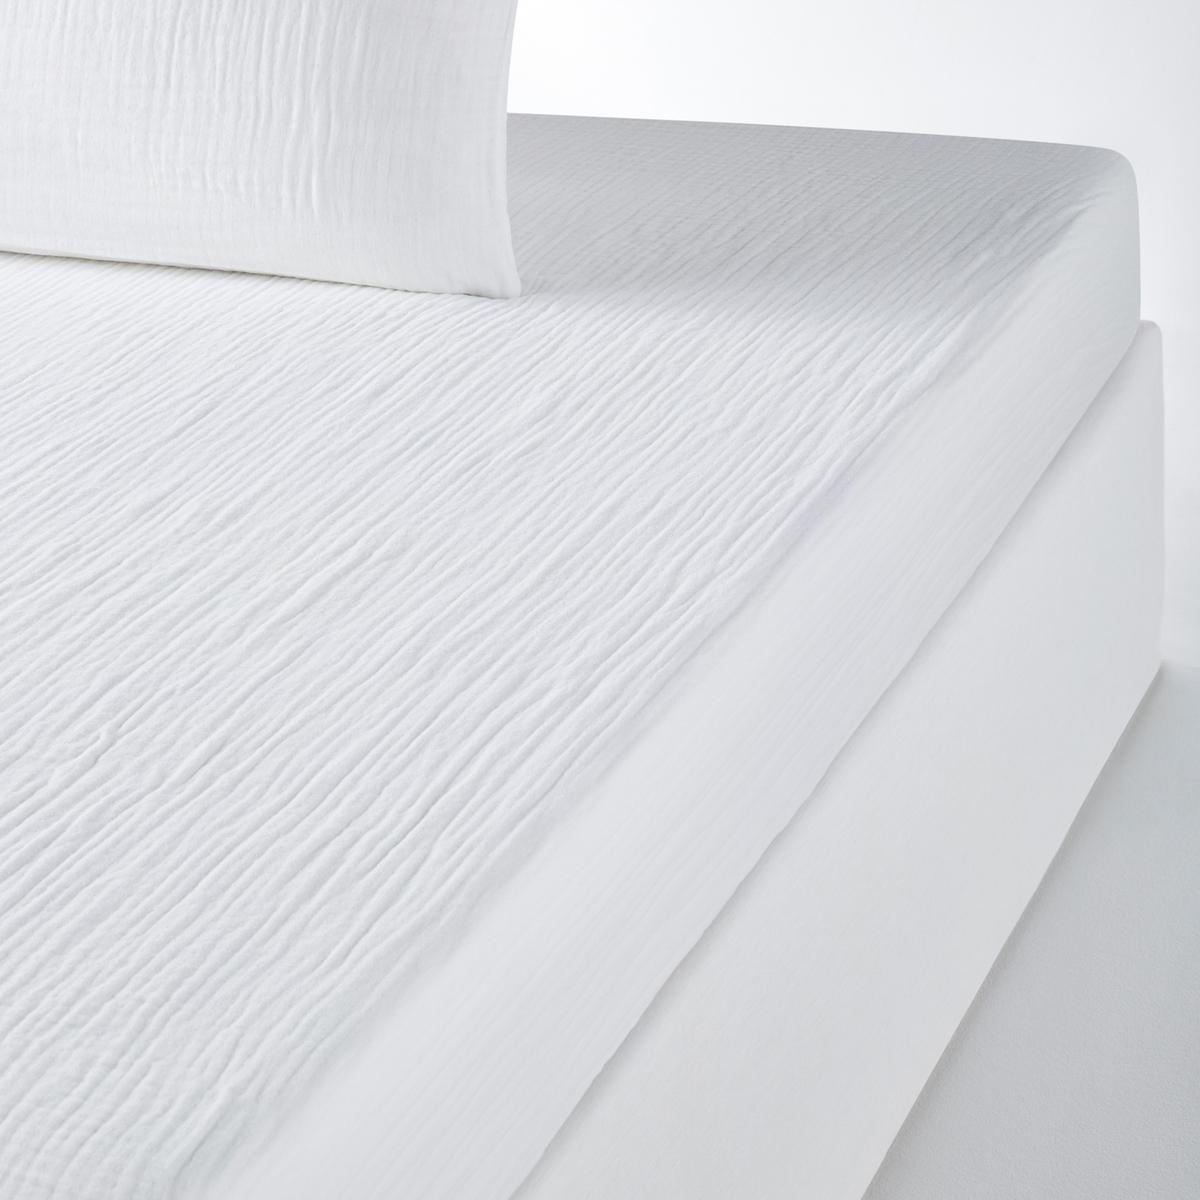 Простыня натяжная однотонная из газовой ткани из хлопка - SNOWОписание:Хлопчатобумажная газовая ткань, новый легкий и очень мягкий на ощупь материал . Естественный жатый эффект, простой в уходе и не требует глажки .     Стойкая к стиркам ткань, которая со временем становится мягче и нежнее. Очень актуальная расцветка. Натяжная простыня из газовой ткани, 100% хлопок. Прекрасно сохраняет цвет после нескольких стирок (60°).         Характеристики однотонной натяжной простыни - SNOW:        - Клапан 30 см для широких матрасов.        Знак Oeko-Tex® гарантирует, что товары прошли проверку и были изготовлены без применения вредных для здоровья человека веществ.          Изделие приобретёт свою форму после сушки.        Найдите все постельное белье по ключевомму слову SNOW           Натяжная простыня:      •  90 x 190 : 1-сп . •  140 x 190 см: 2-сп. •  160 x 200 : 2-сп. •  180 x 200 : 2-сп. Великолепная палитра очень современных цветов .<br><br>Цвет: темно-серый<br>Размер: 90 x 190  см